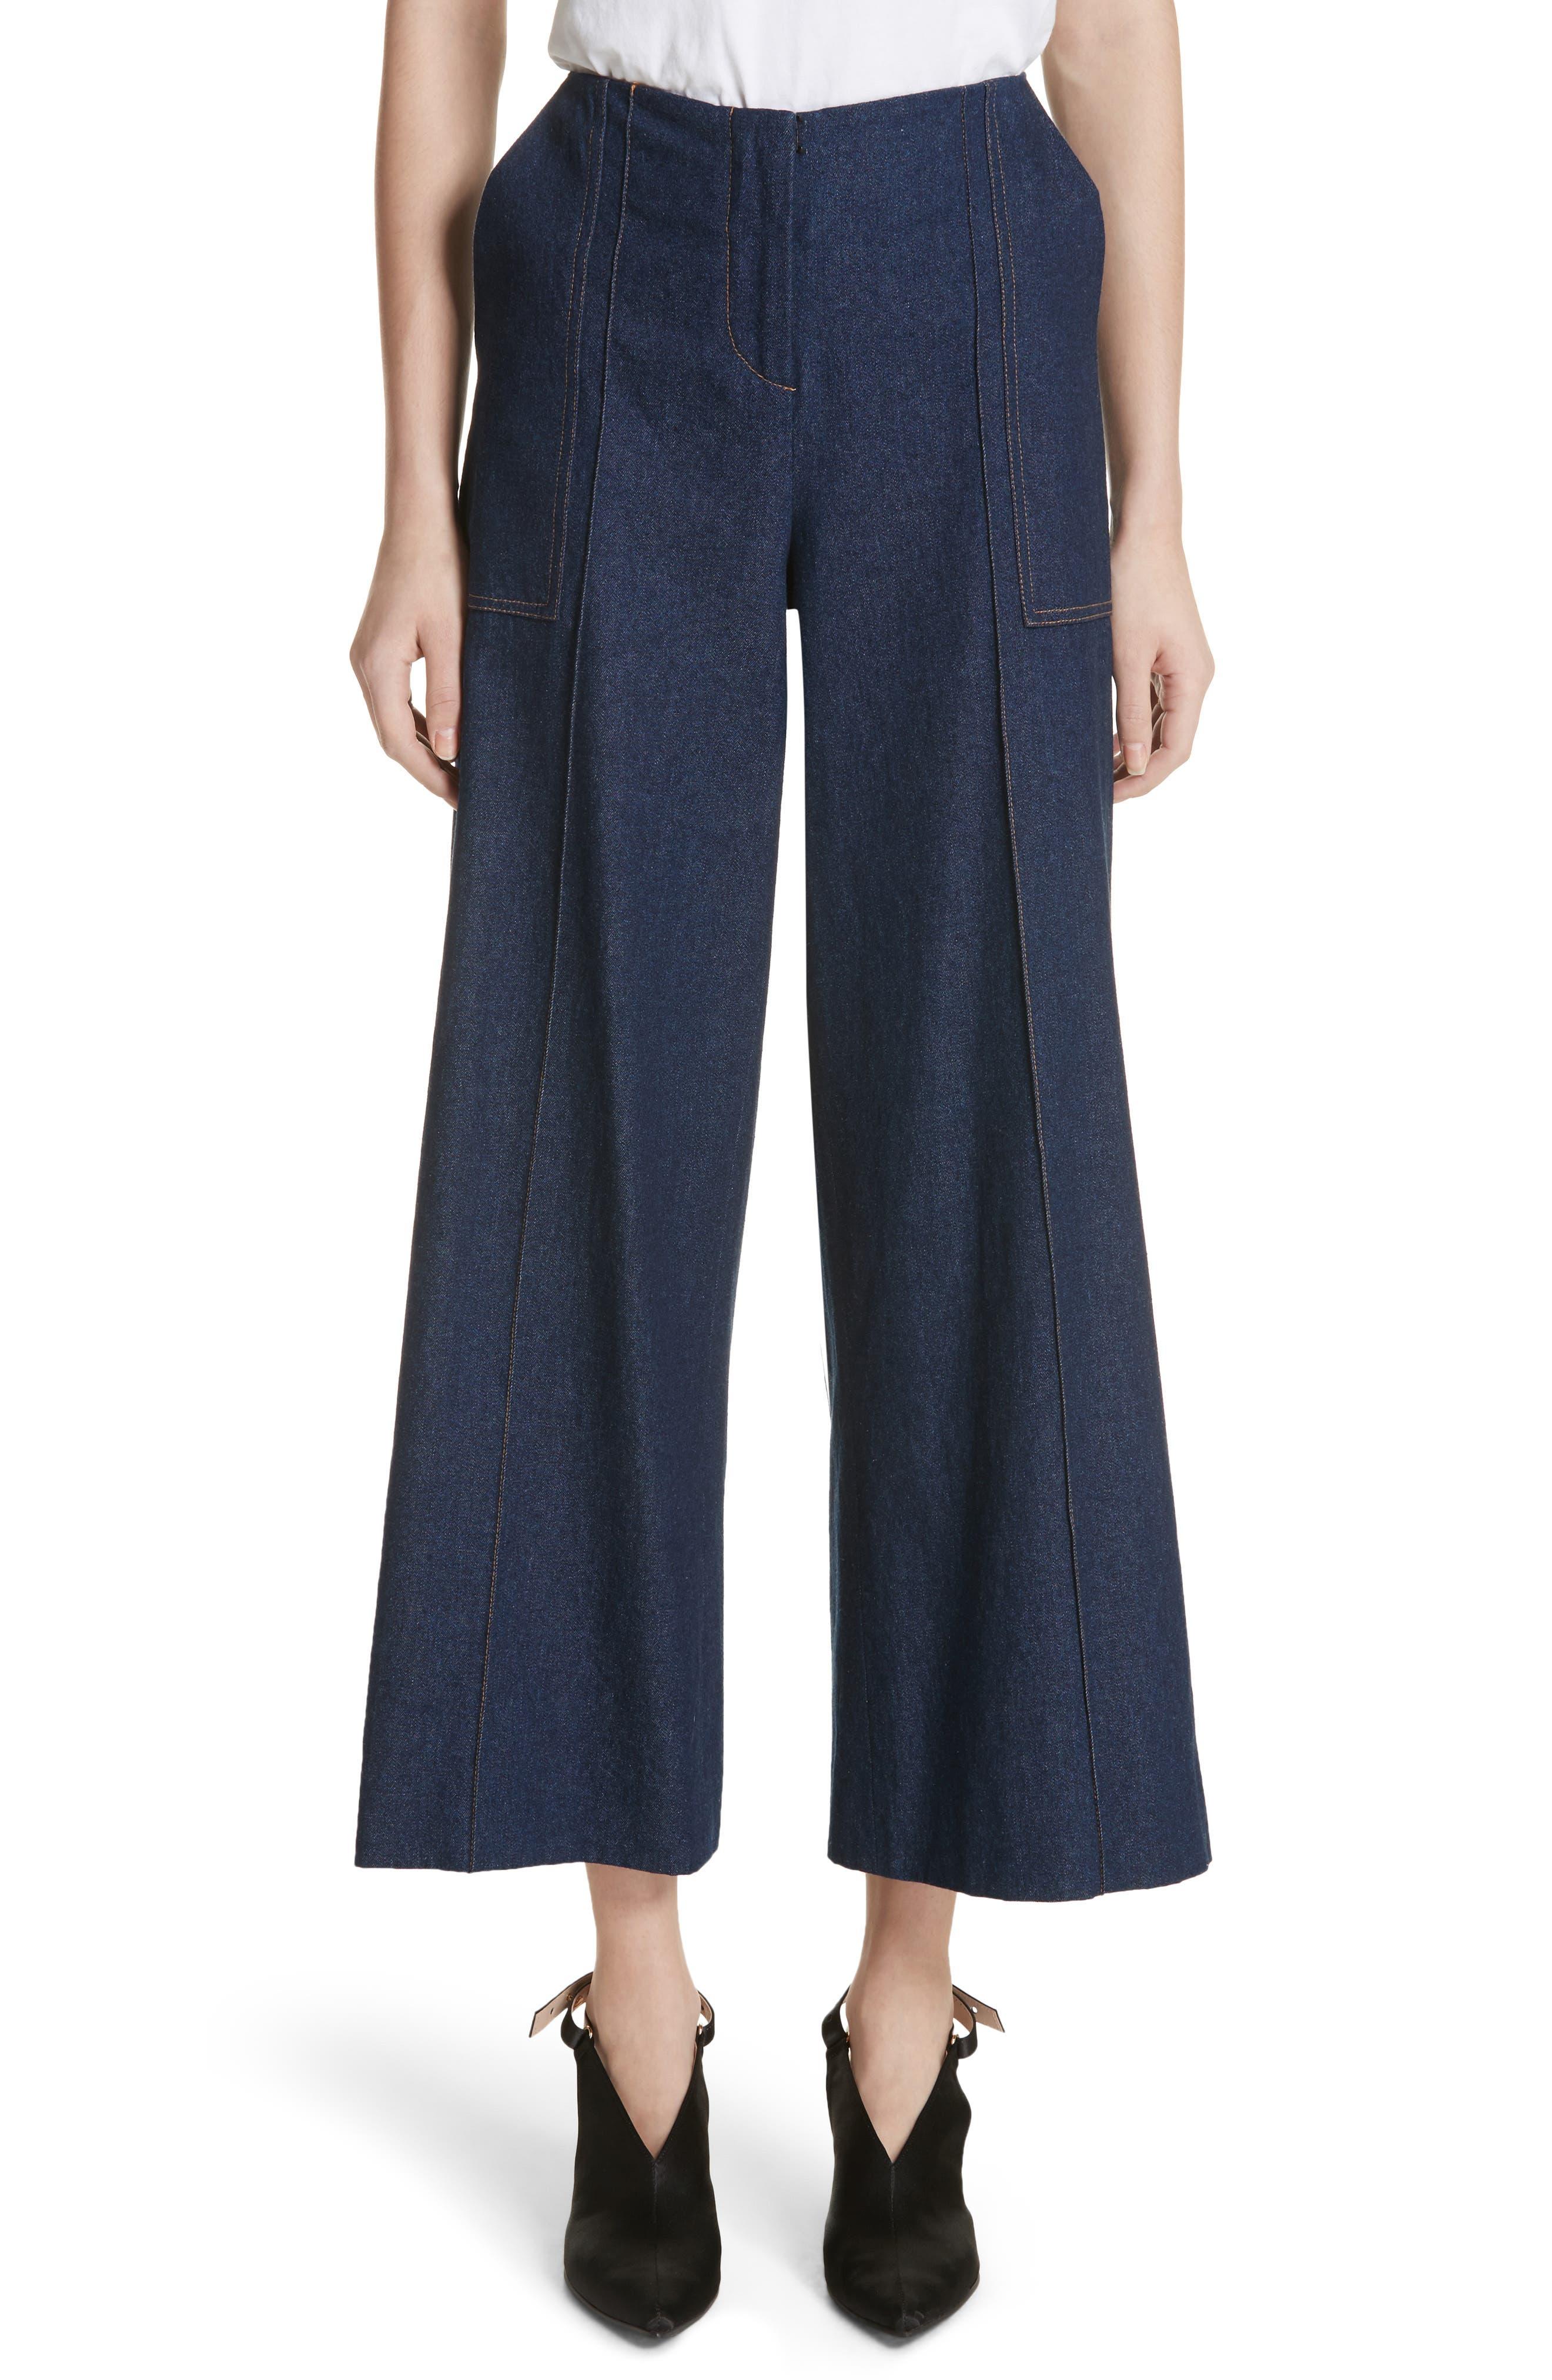 Dune Imitation Pearl Trim Wide Leg Crop Jeans,                             Main thumbnail 1, color,                             400